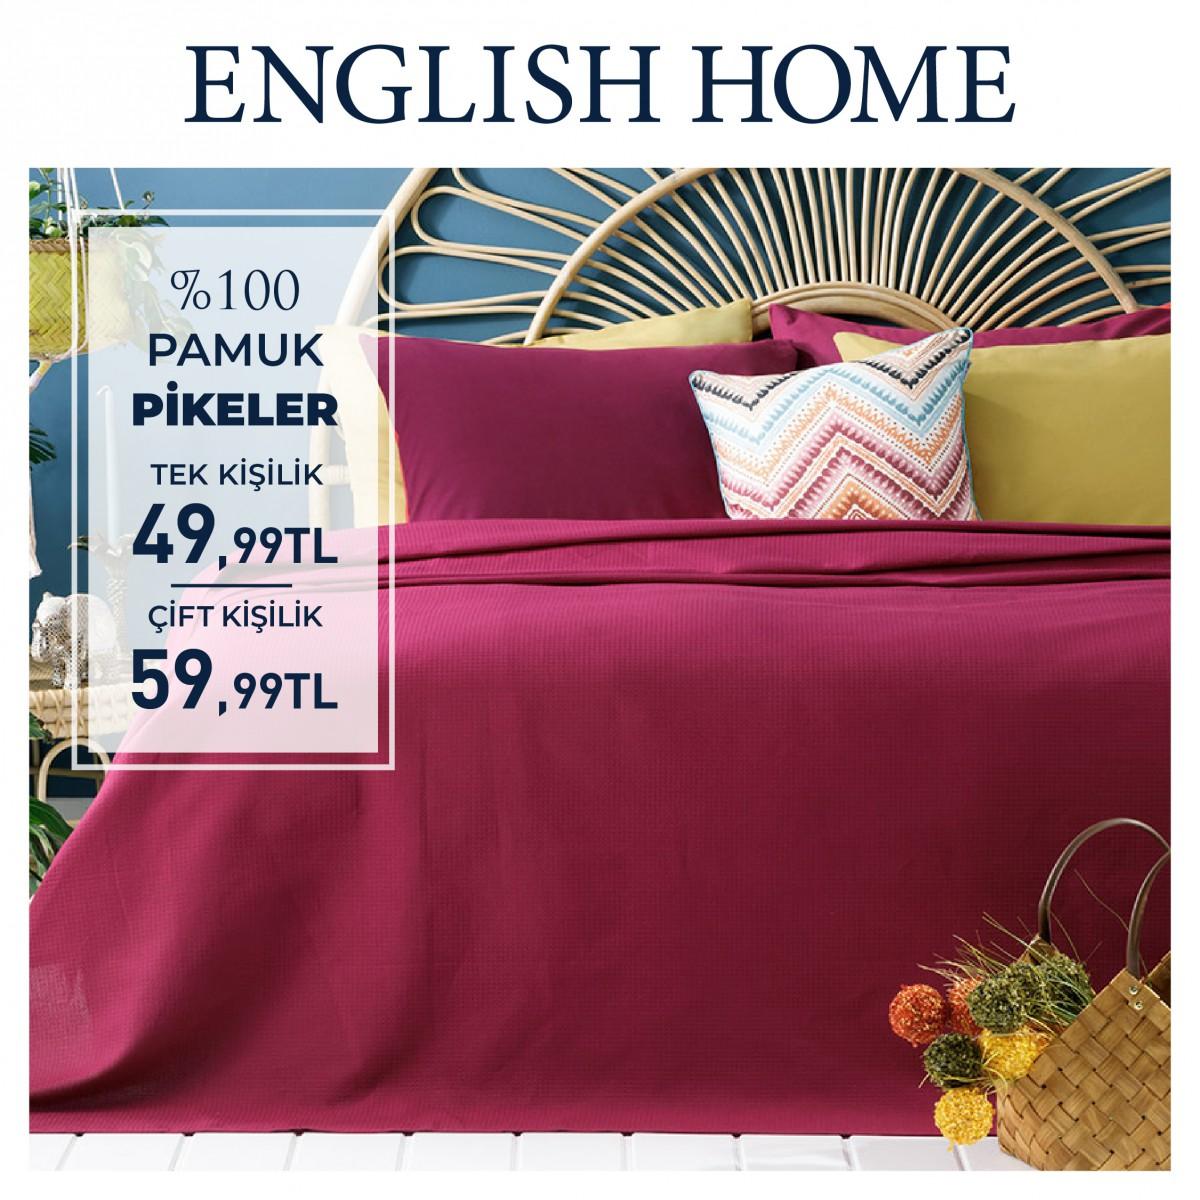 Englis Home'da pamuklu pikelerdeki harika indirimleri sizleri bekliyor!